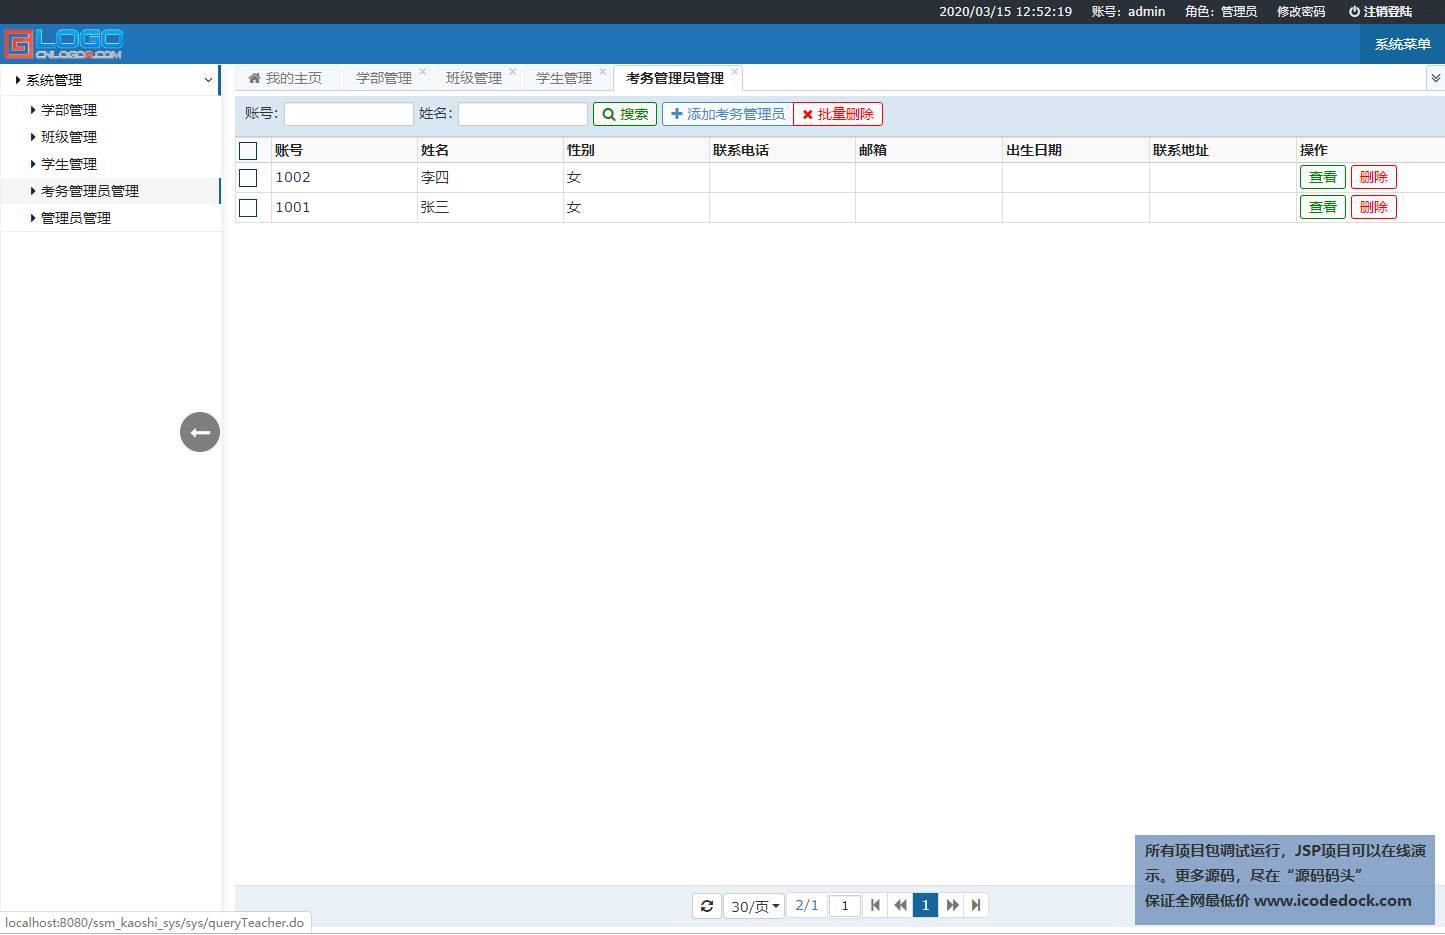 源码码头-SSM考试在线报名管理系统-管理员角色-考务管理员管理